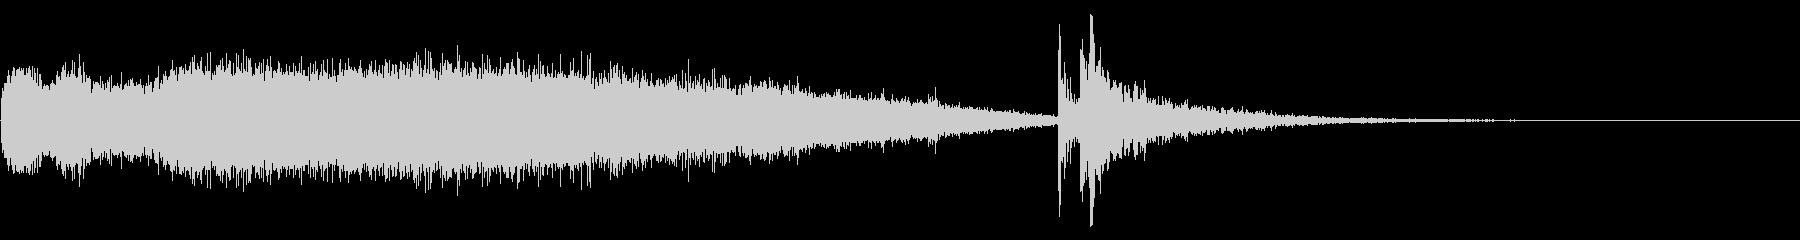 FMラジオ的ジングル13の未再生の波形